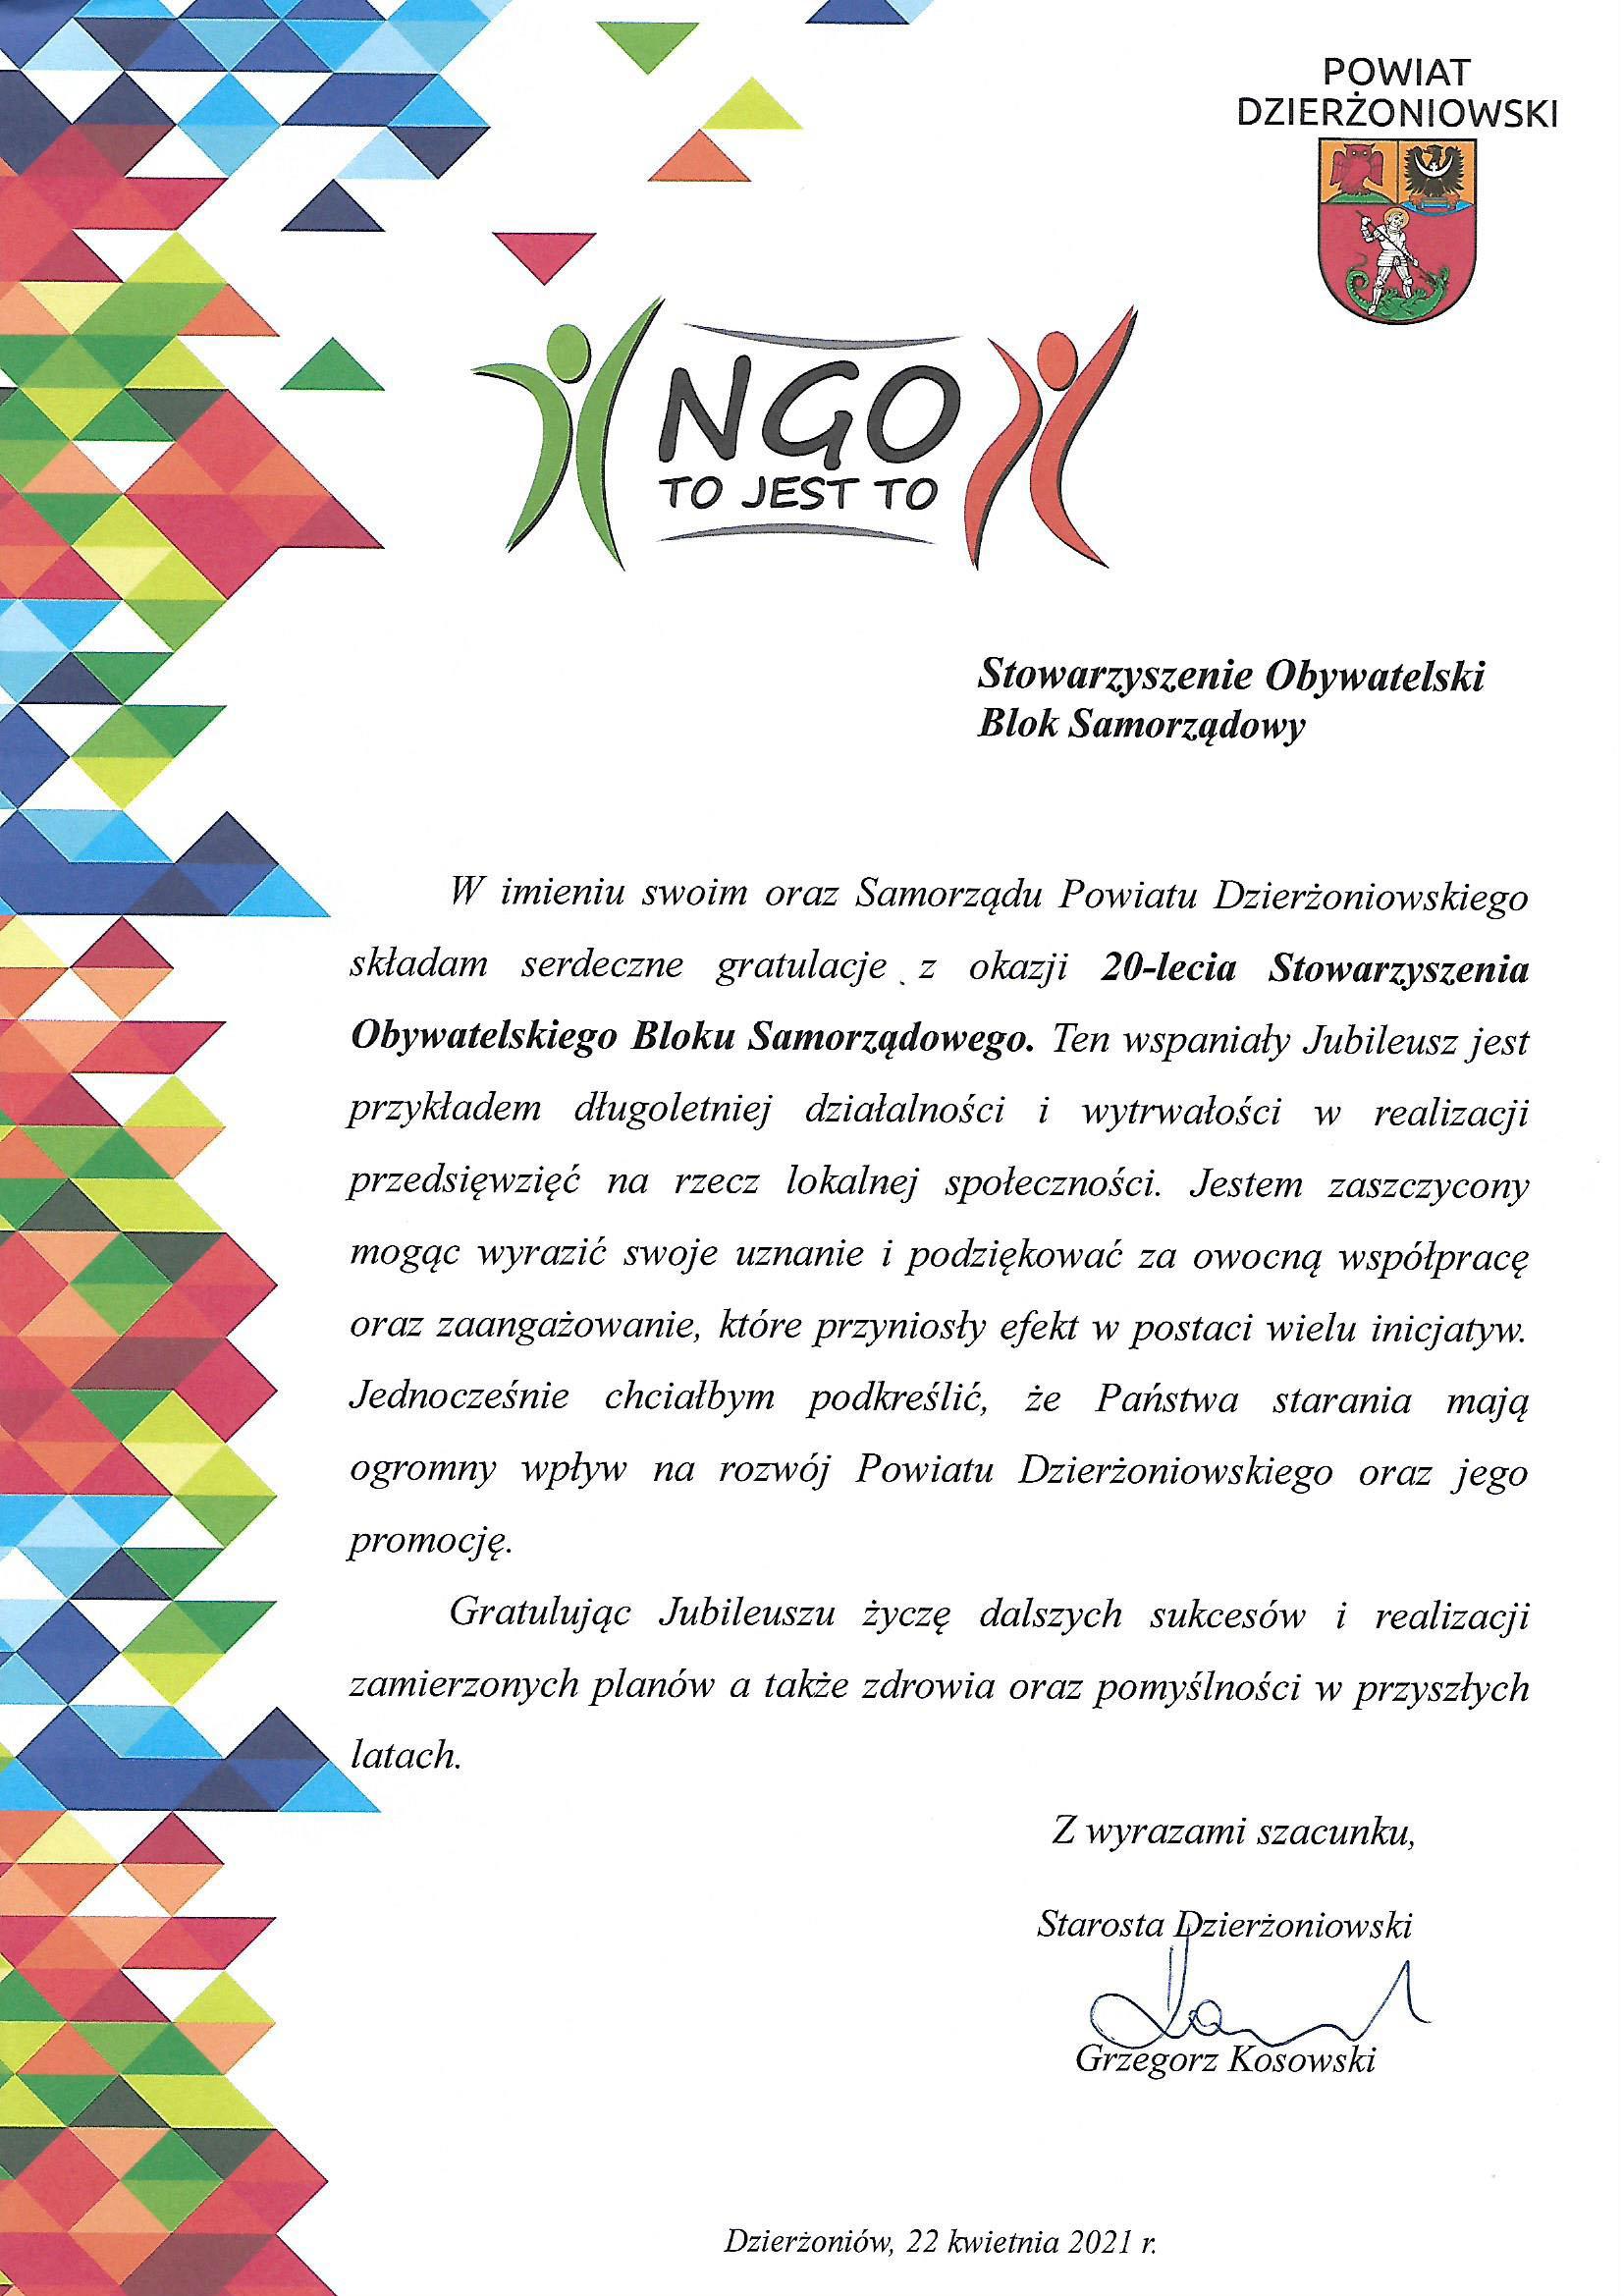 OBS-list Starosty z okazji 20lecia 22.04.21